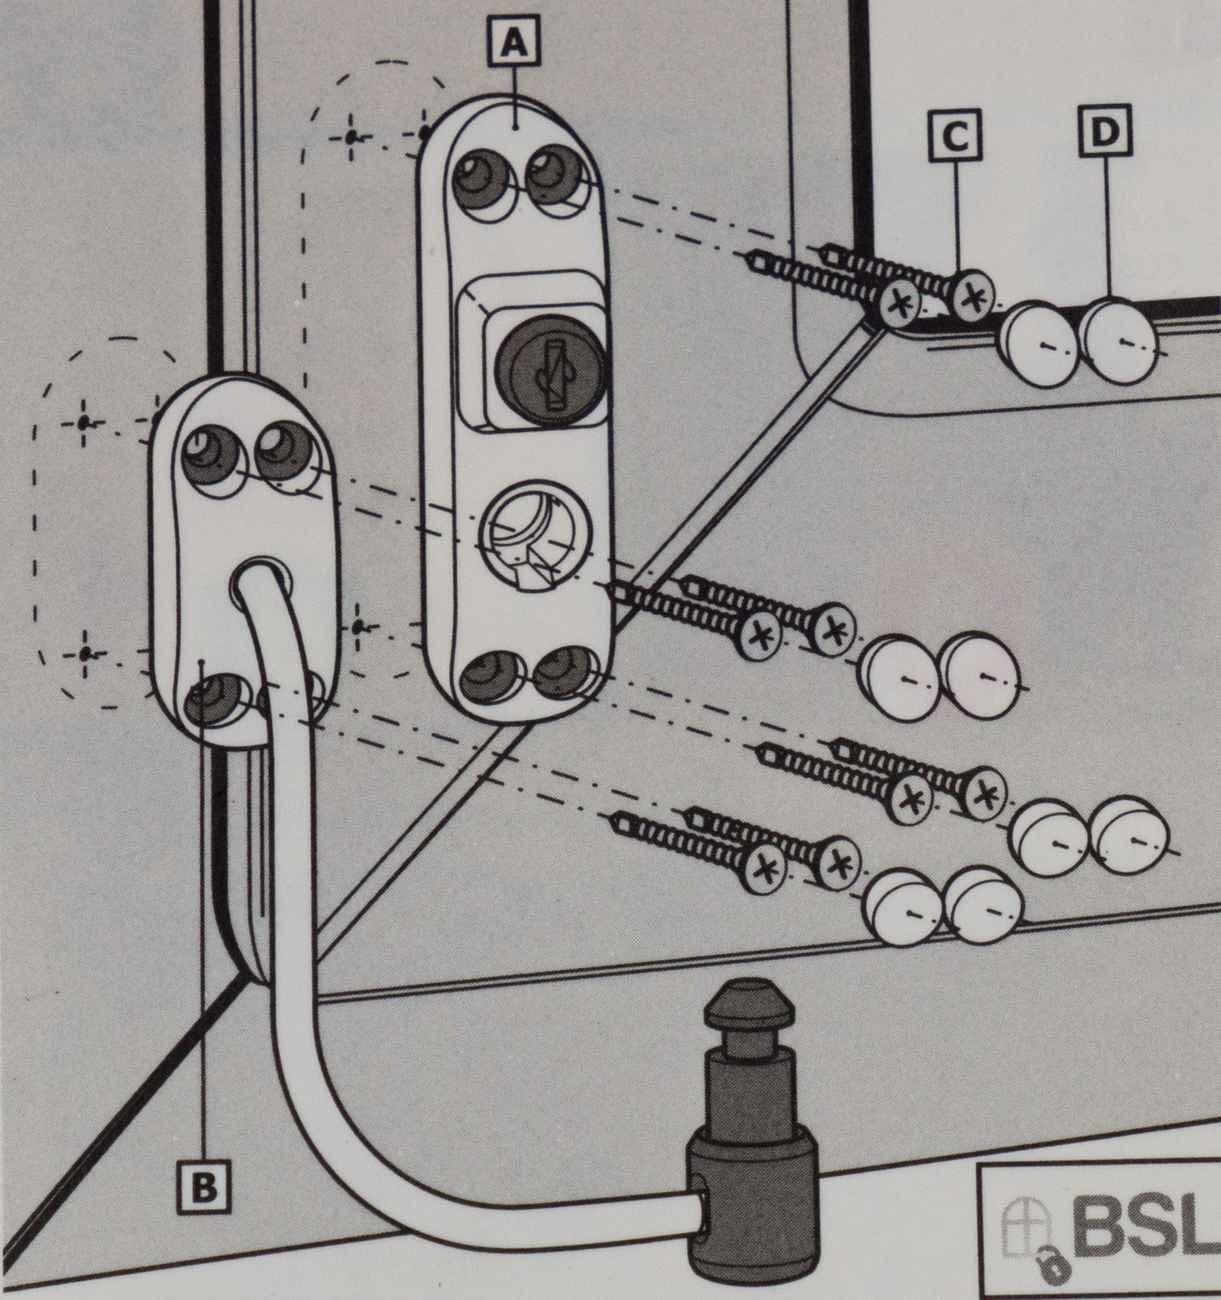 Fenstersicherung Türsicherung BSL Cable Prime braun – Bild 3